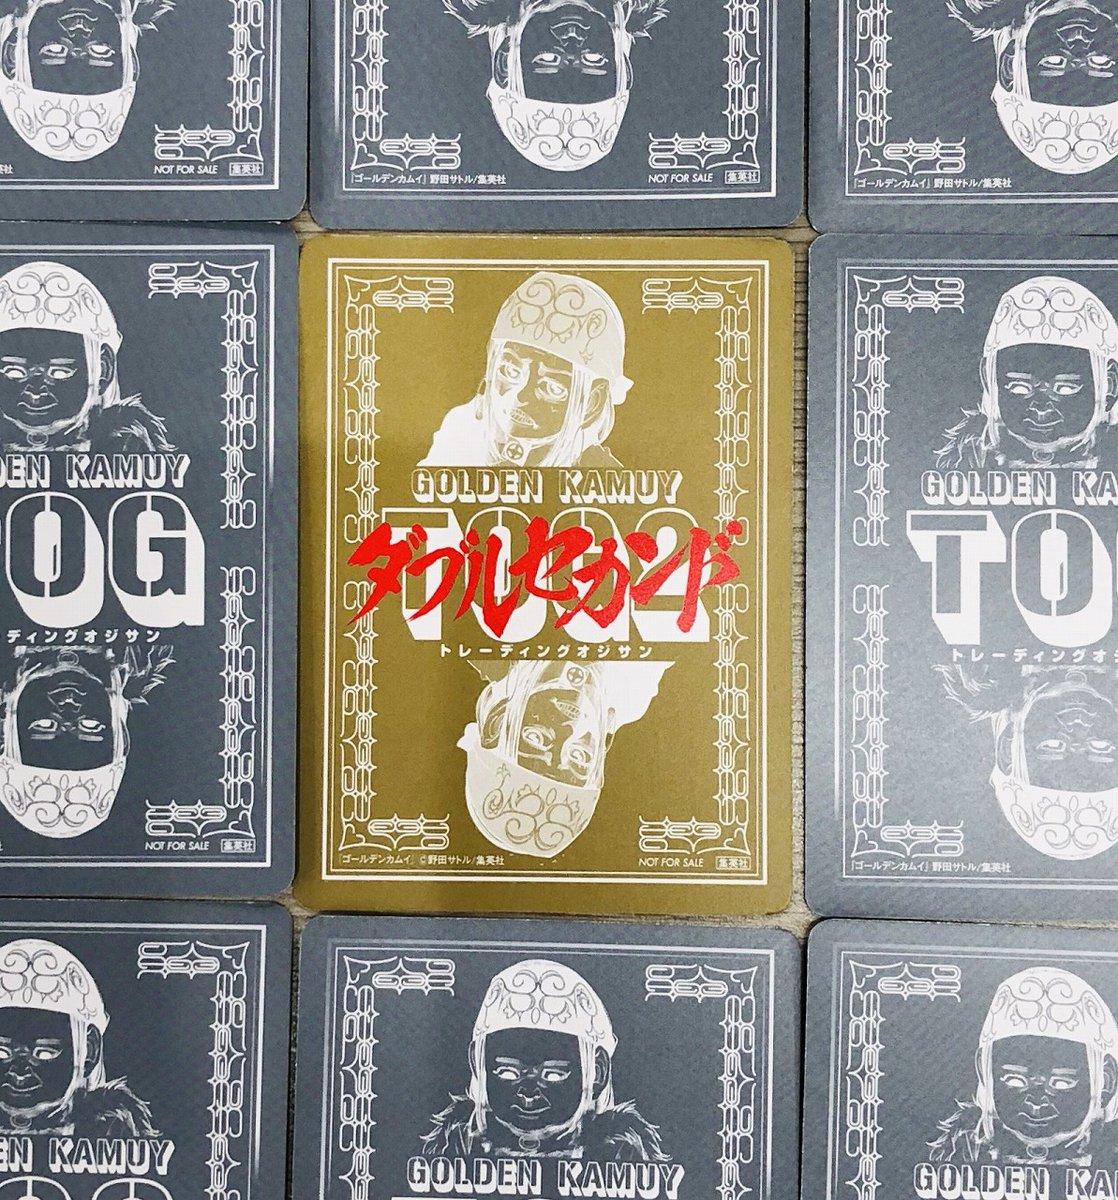 """【オジサンだらけの""""TCG""""(?)第二弾!!】 全国の一部書店さんにて、特別特典「 #TOG2WII トレーディングオジサン2 ダブルセカンド(全10種)」を随時配布中"""